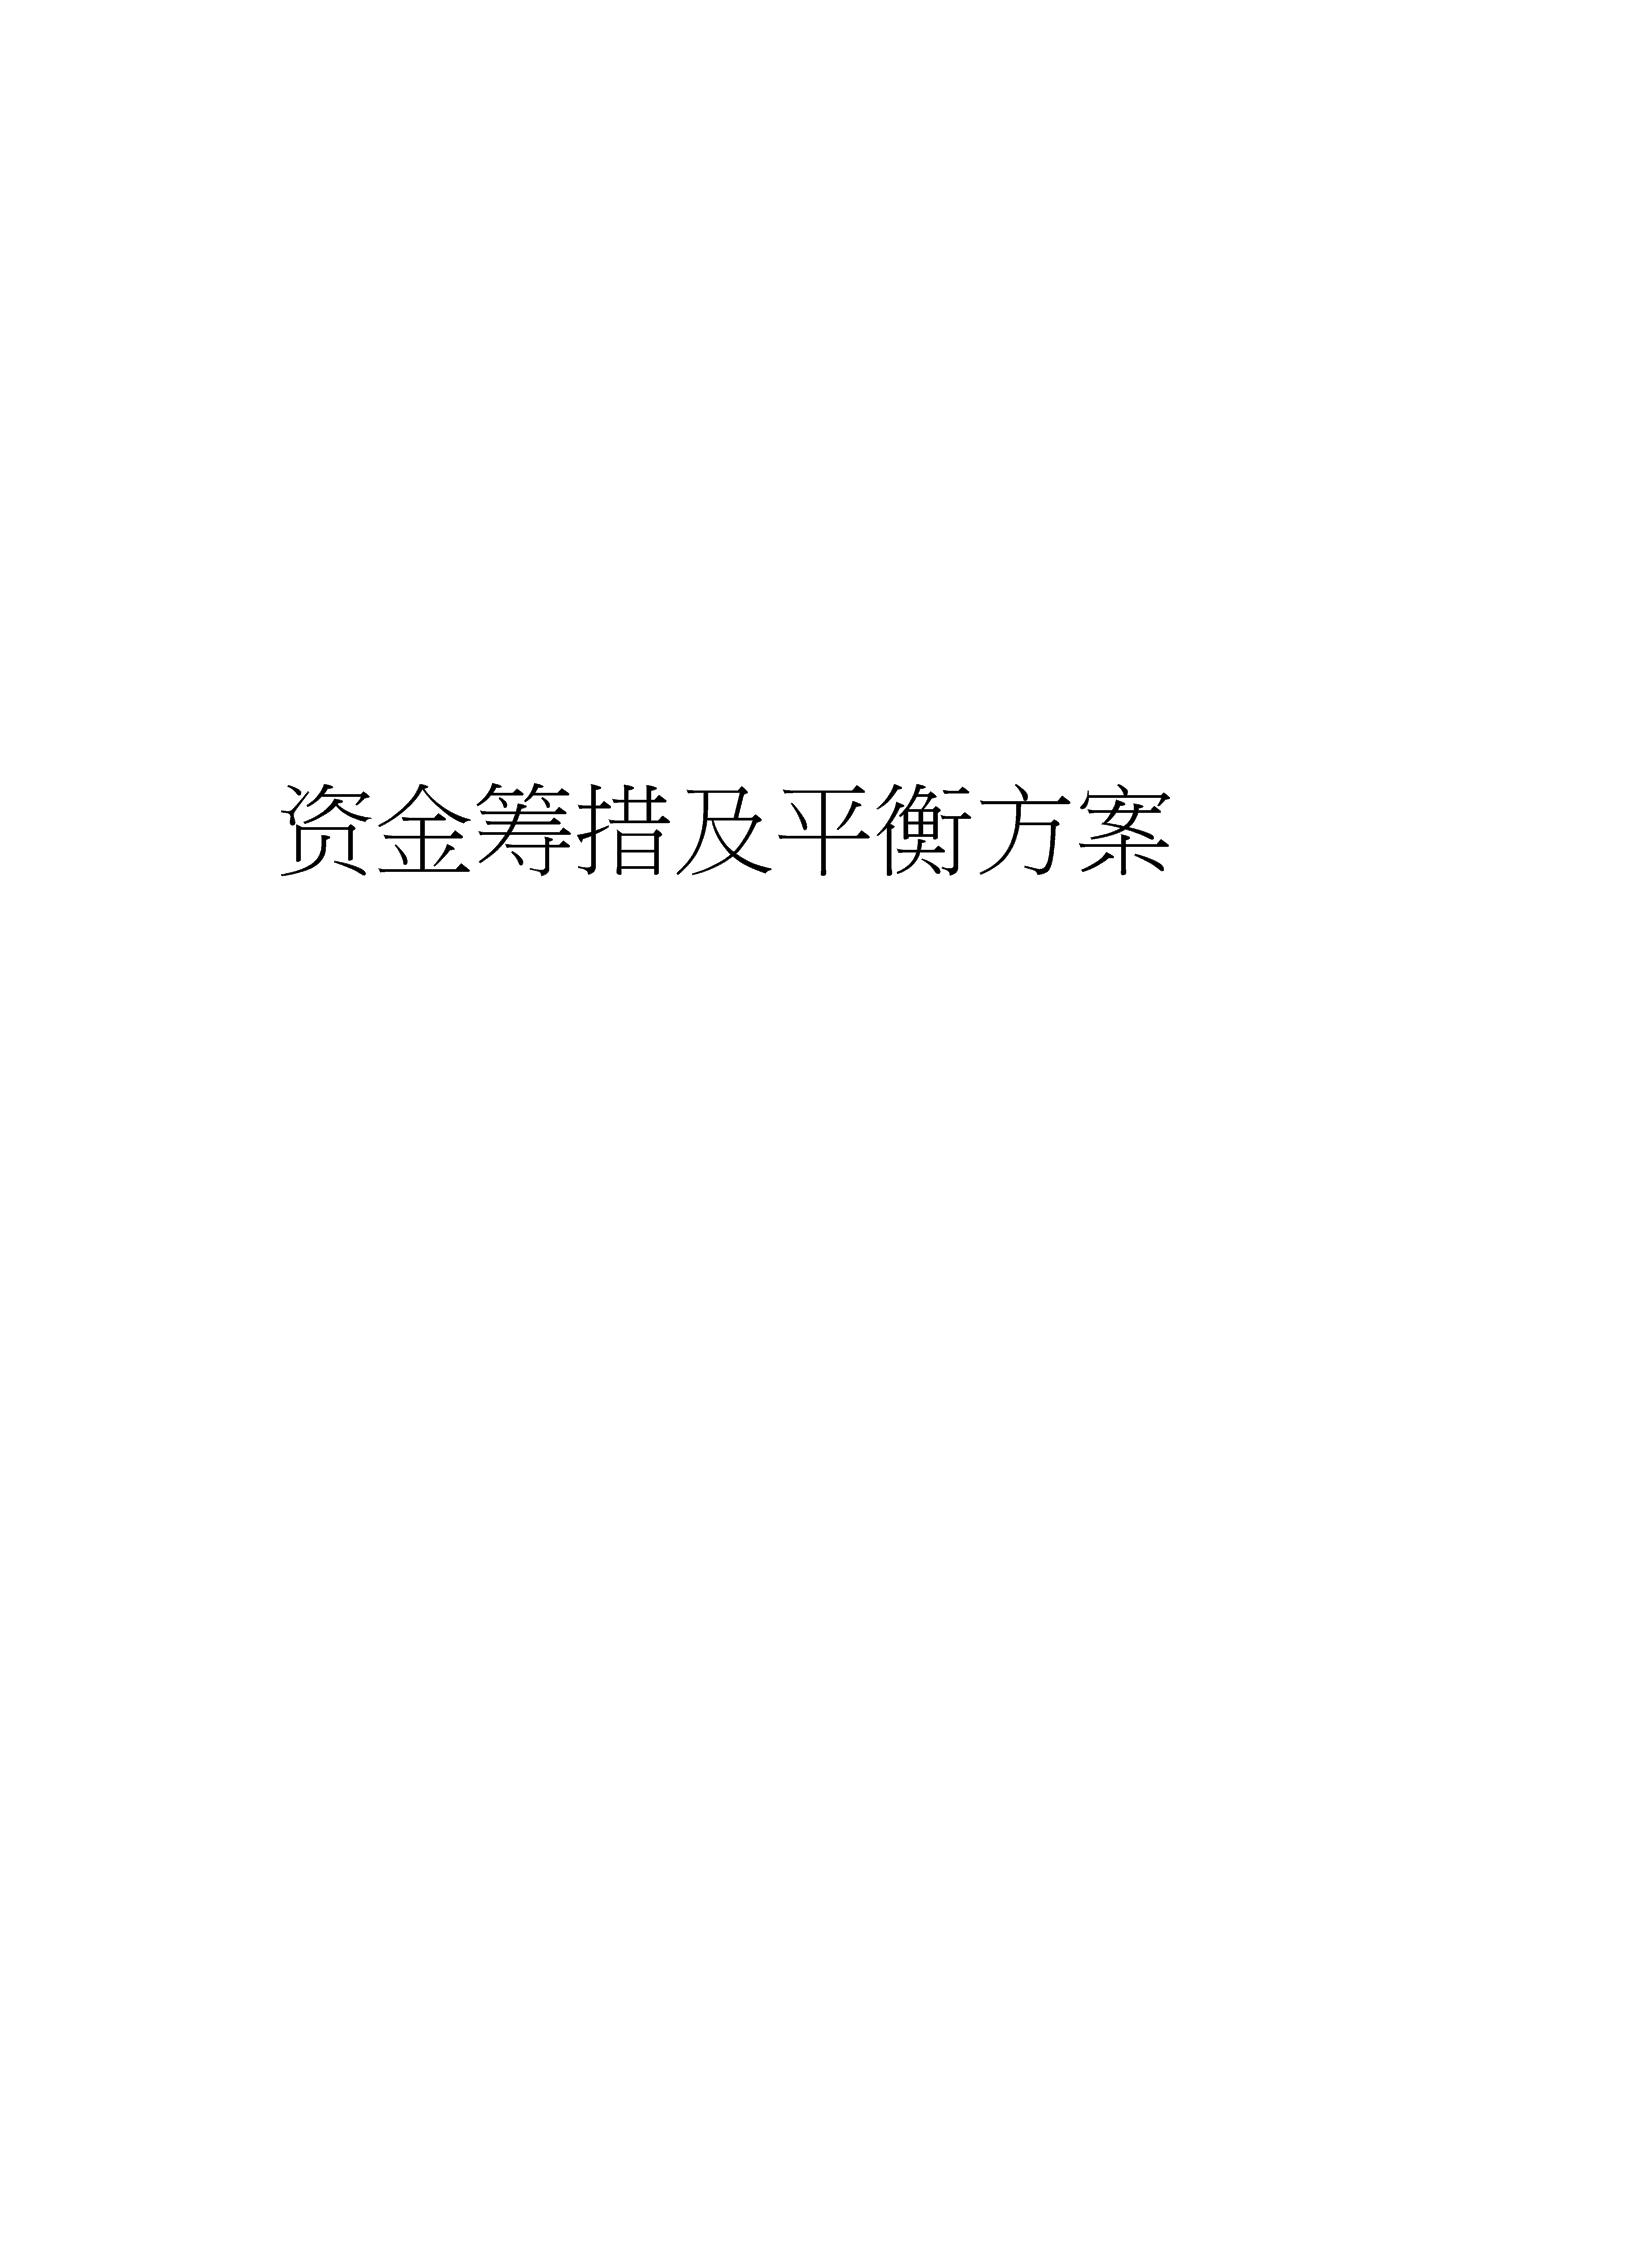 资金筹措及平衡方案说课材料.docx